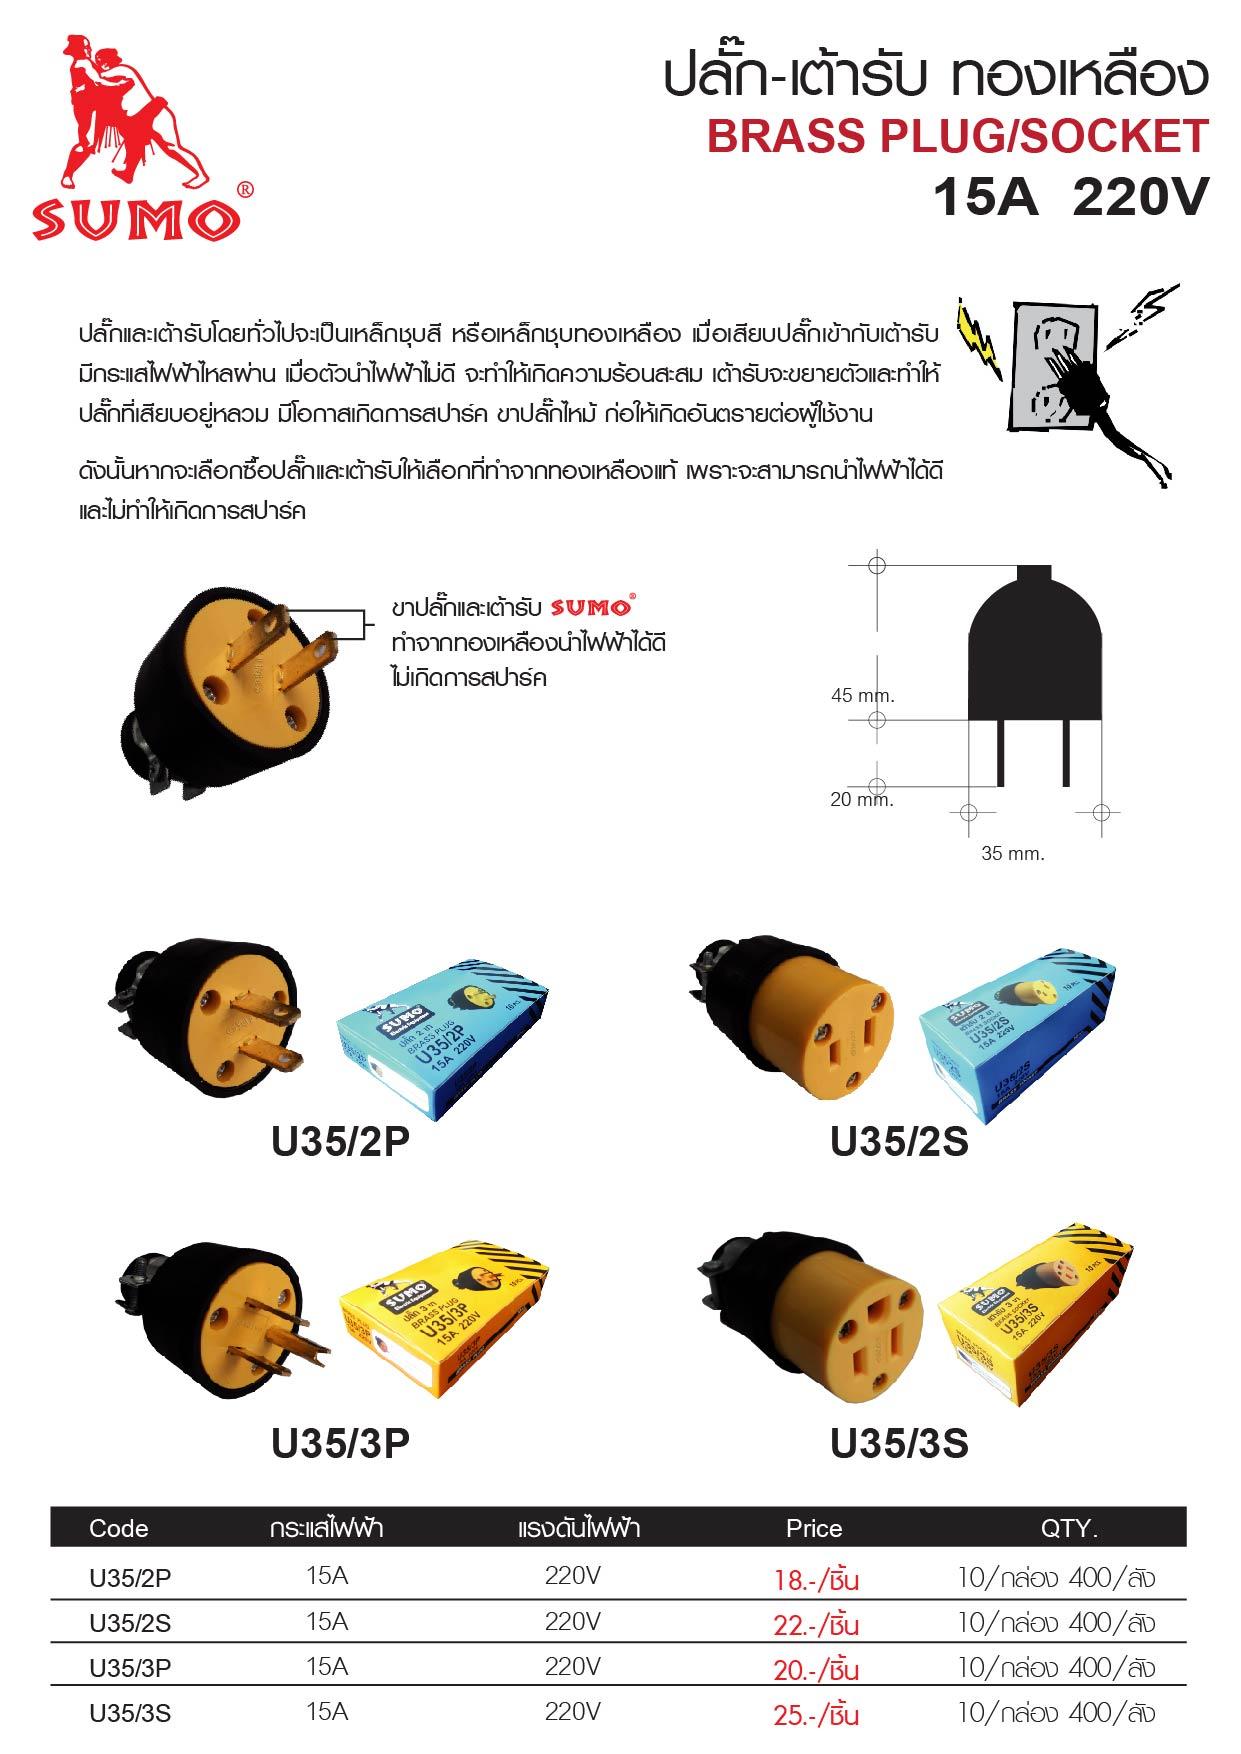 (2/9) ปลั๊ก เต้ารับ ทองเหลือง - Brass Plug